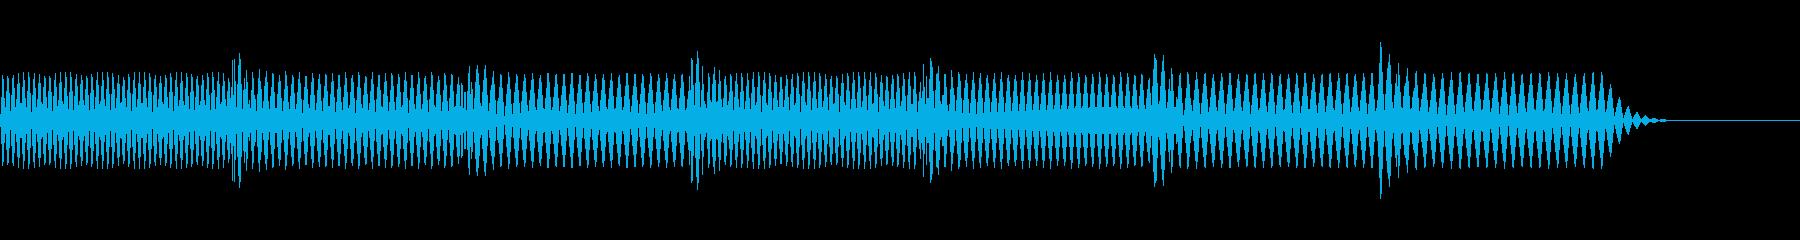 レトロゲーム風な失敗音の再生済みの波形